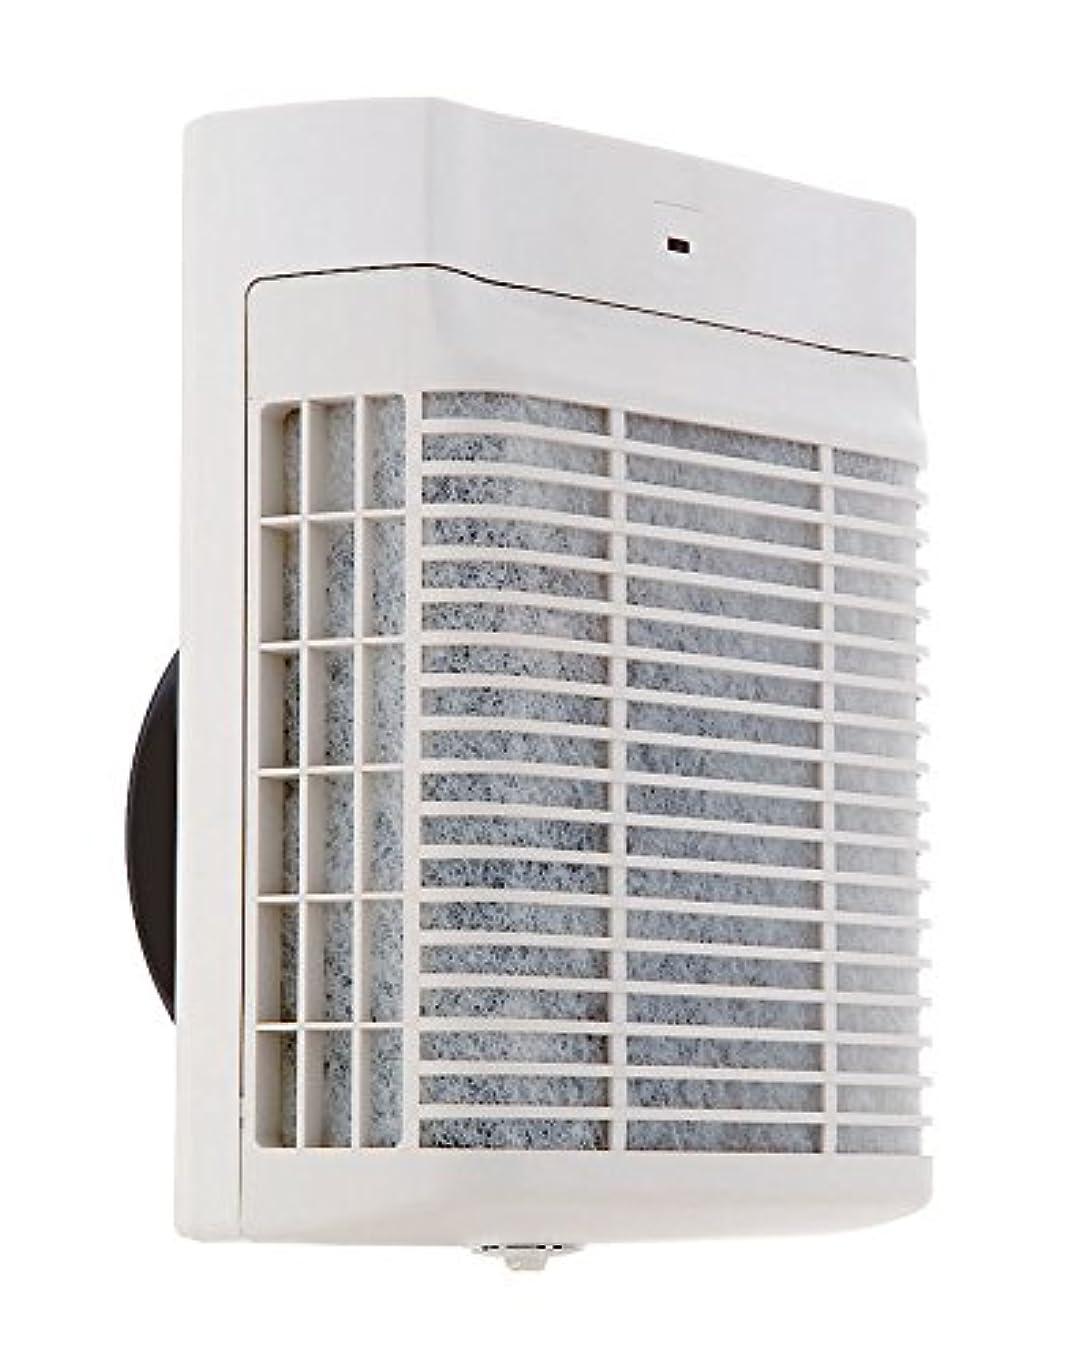 同様に準拠インフラユニックス 室内用製品 給気電動シャッター 壁?天井取付用 (受注生産) UKD150BSFH スリットカバー 外気浄化フィルター